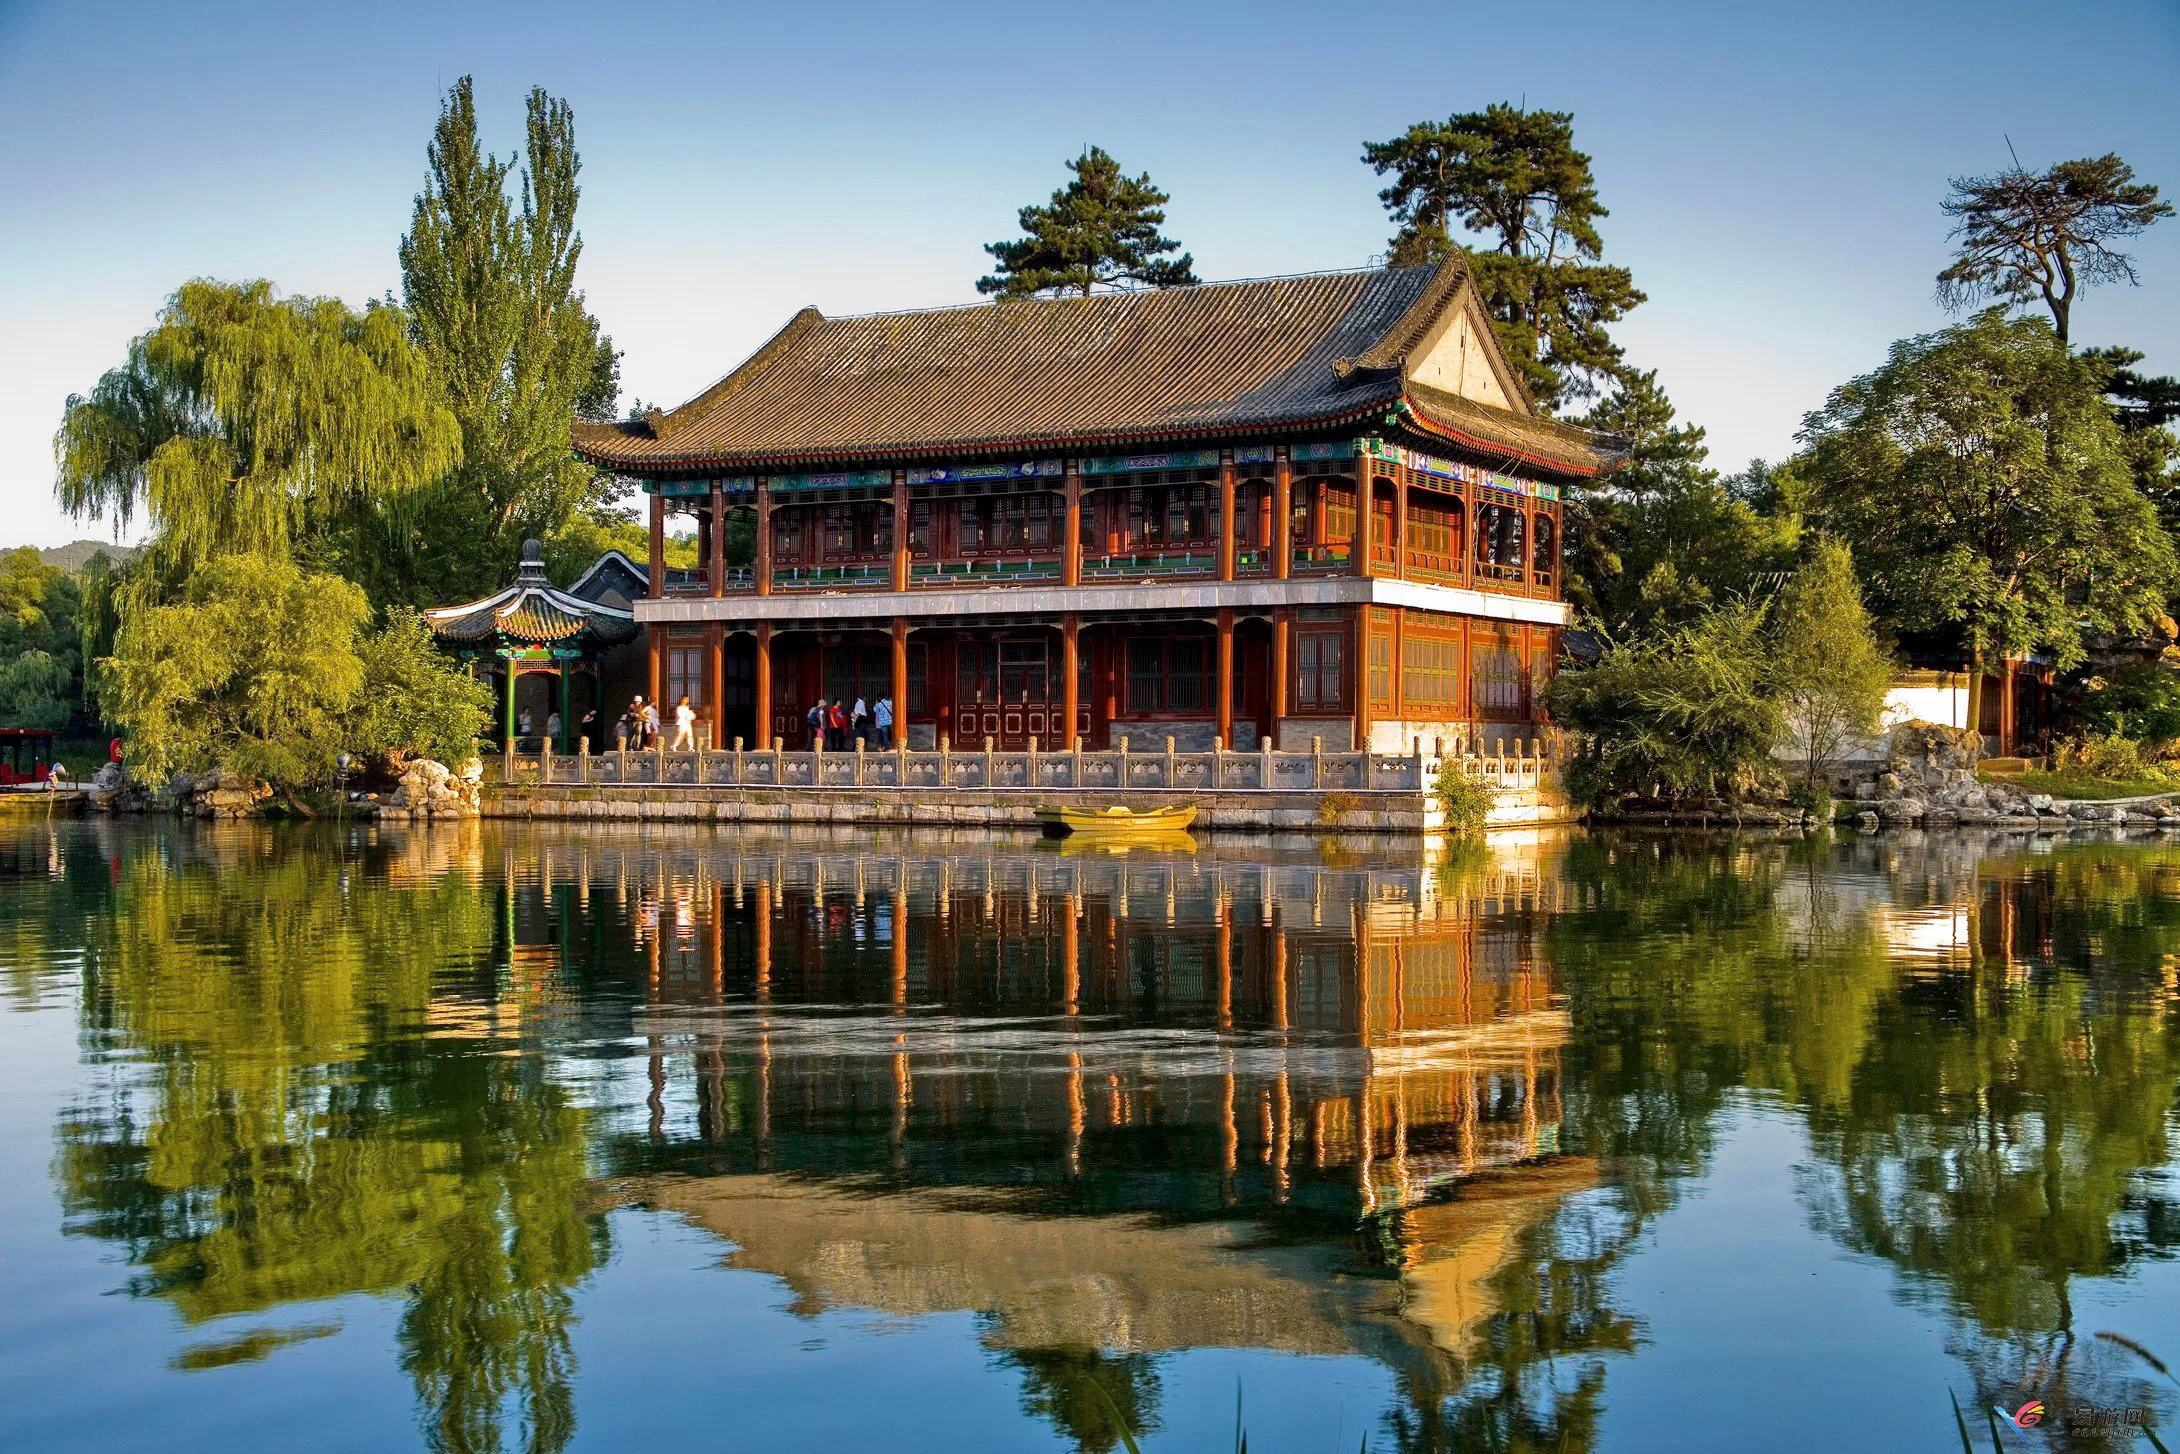 河北有17个国家全域旅游示范区,有咱蔚县 网友票选谁最美,快快来一票